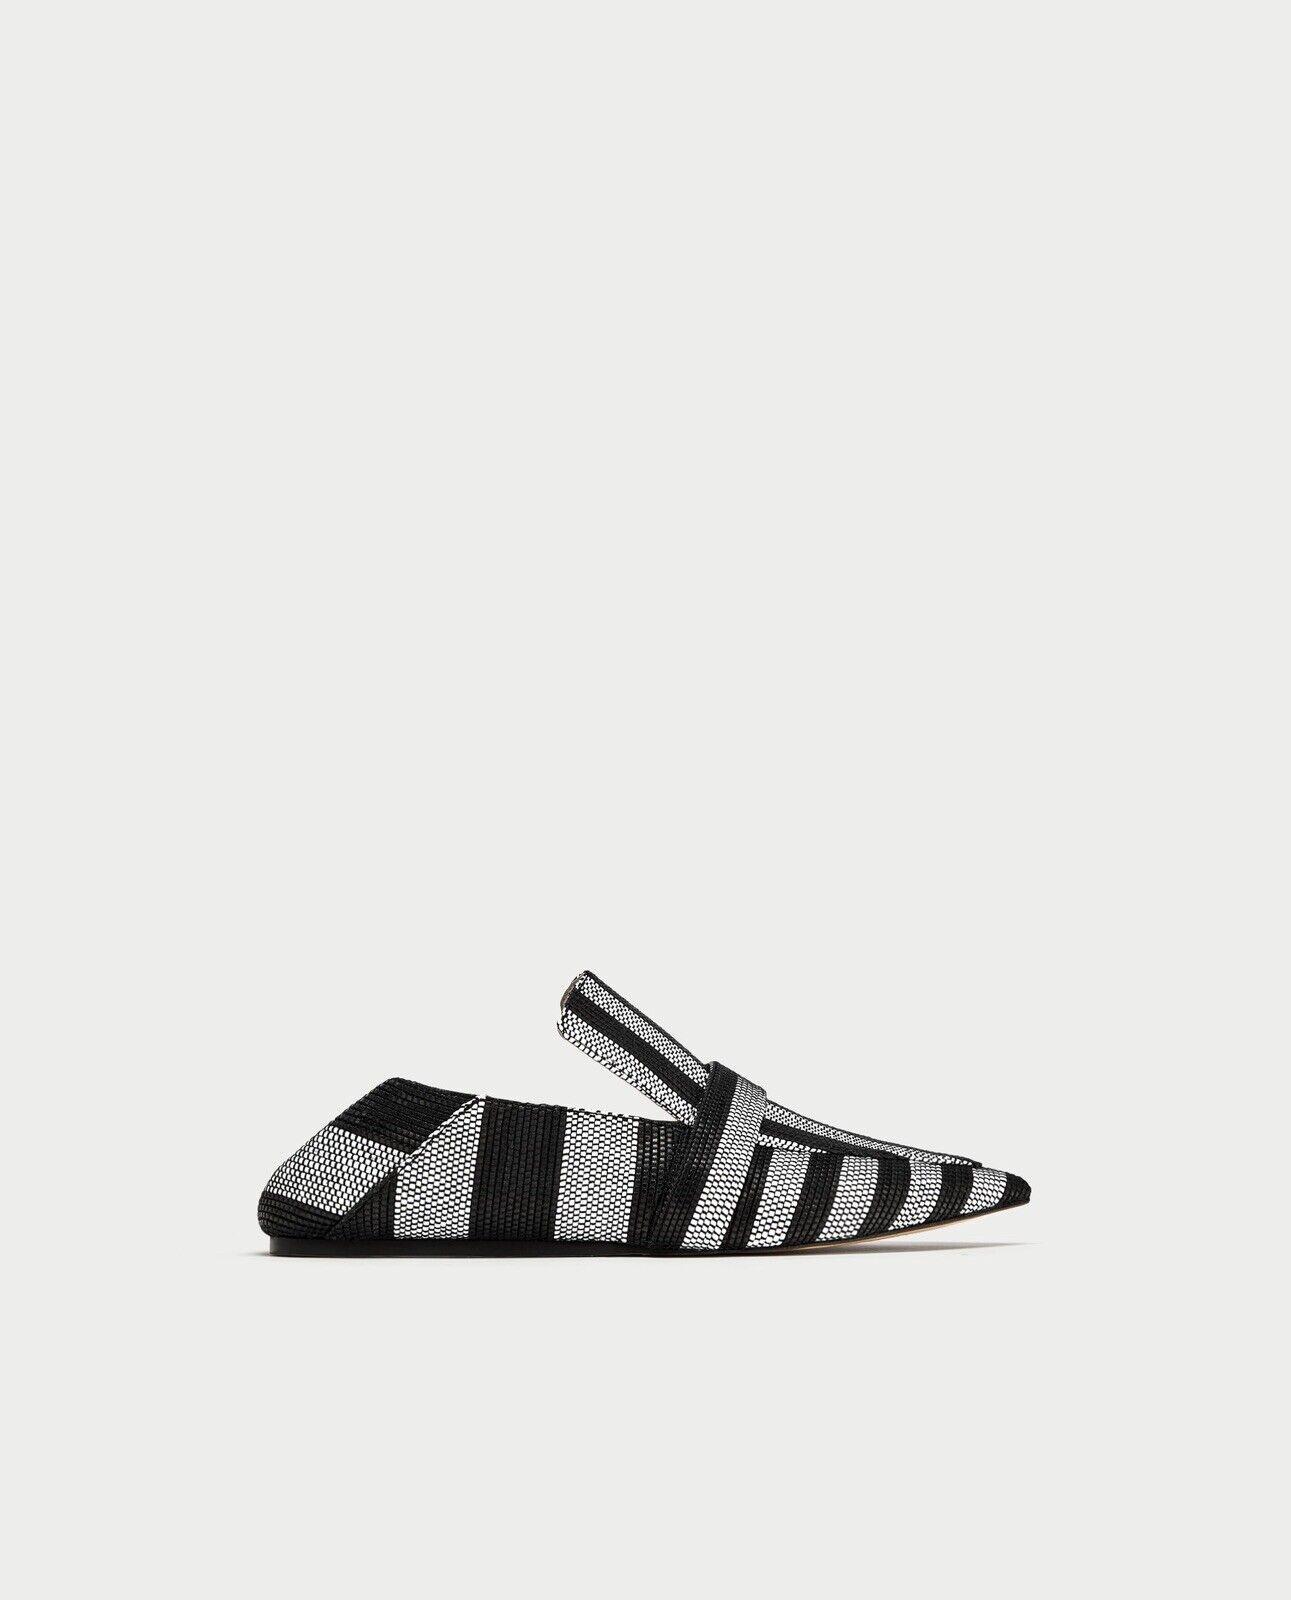 Zara Woman Striped Flat Mule Loafers 6436 201 Größe 8 NWT